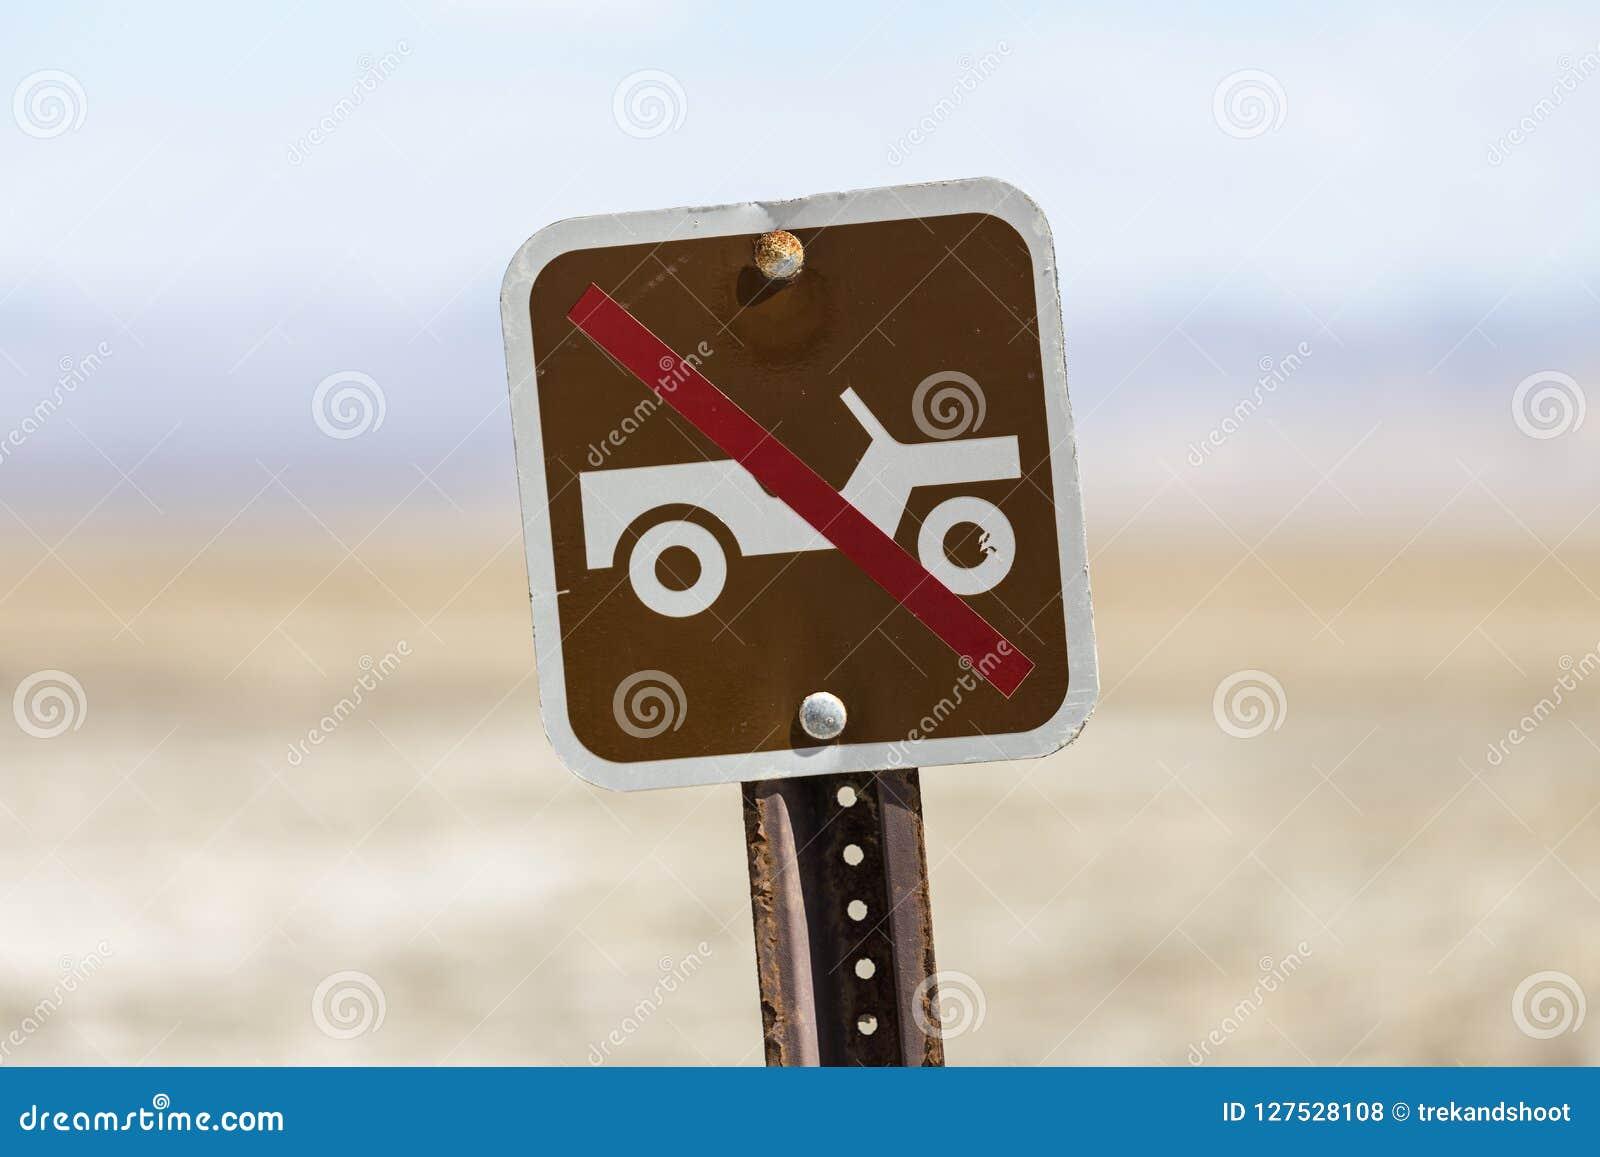 Alt keine weg Straße, die Zeichen fährt